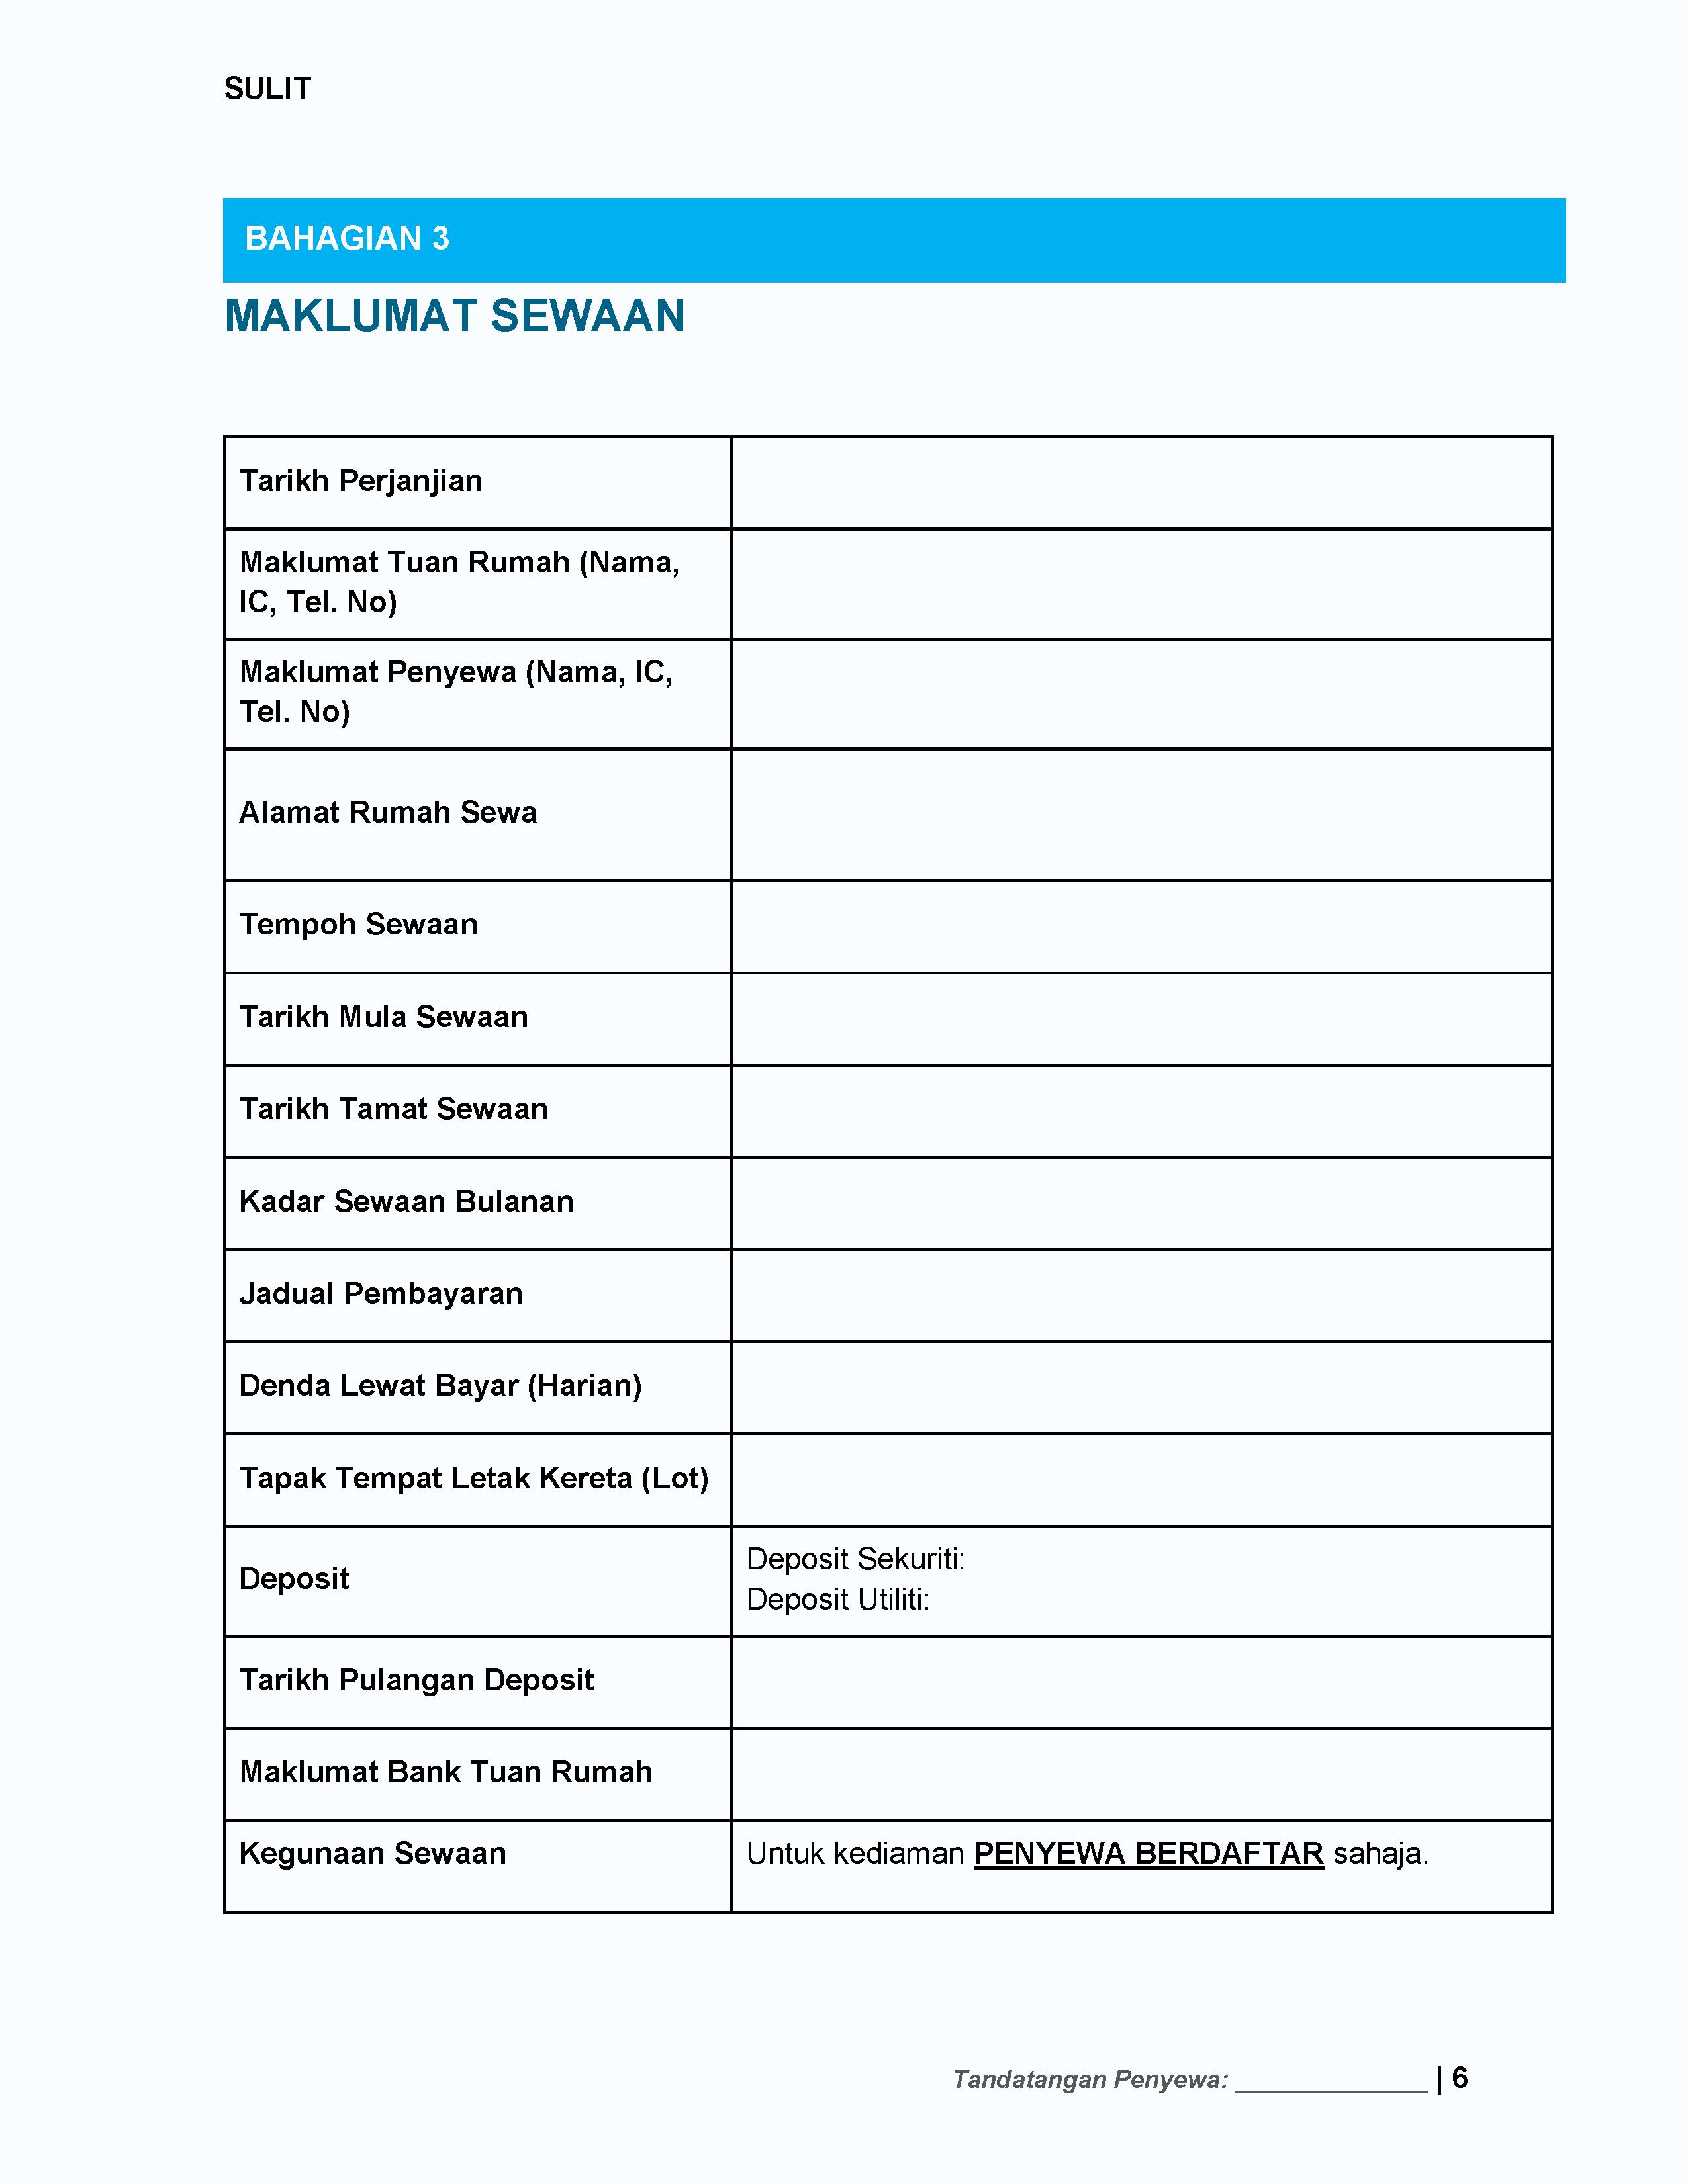 Surat Perjanjian Sewa Rumah 2021_Page_06-min